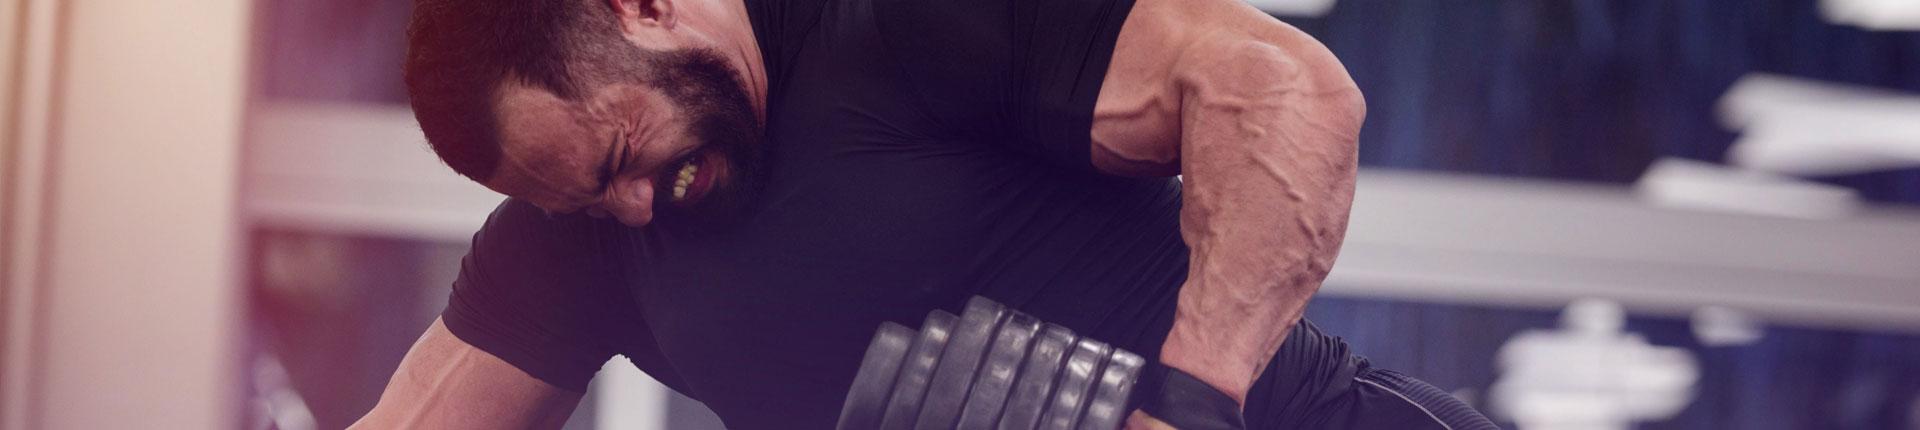 Białko a regeneracja uszkodzonych mięśni